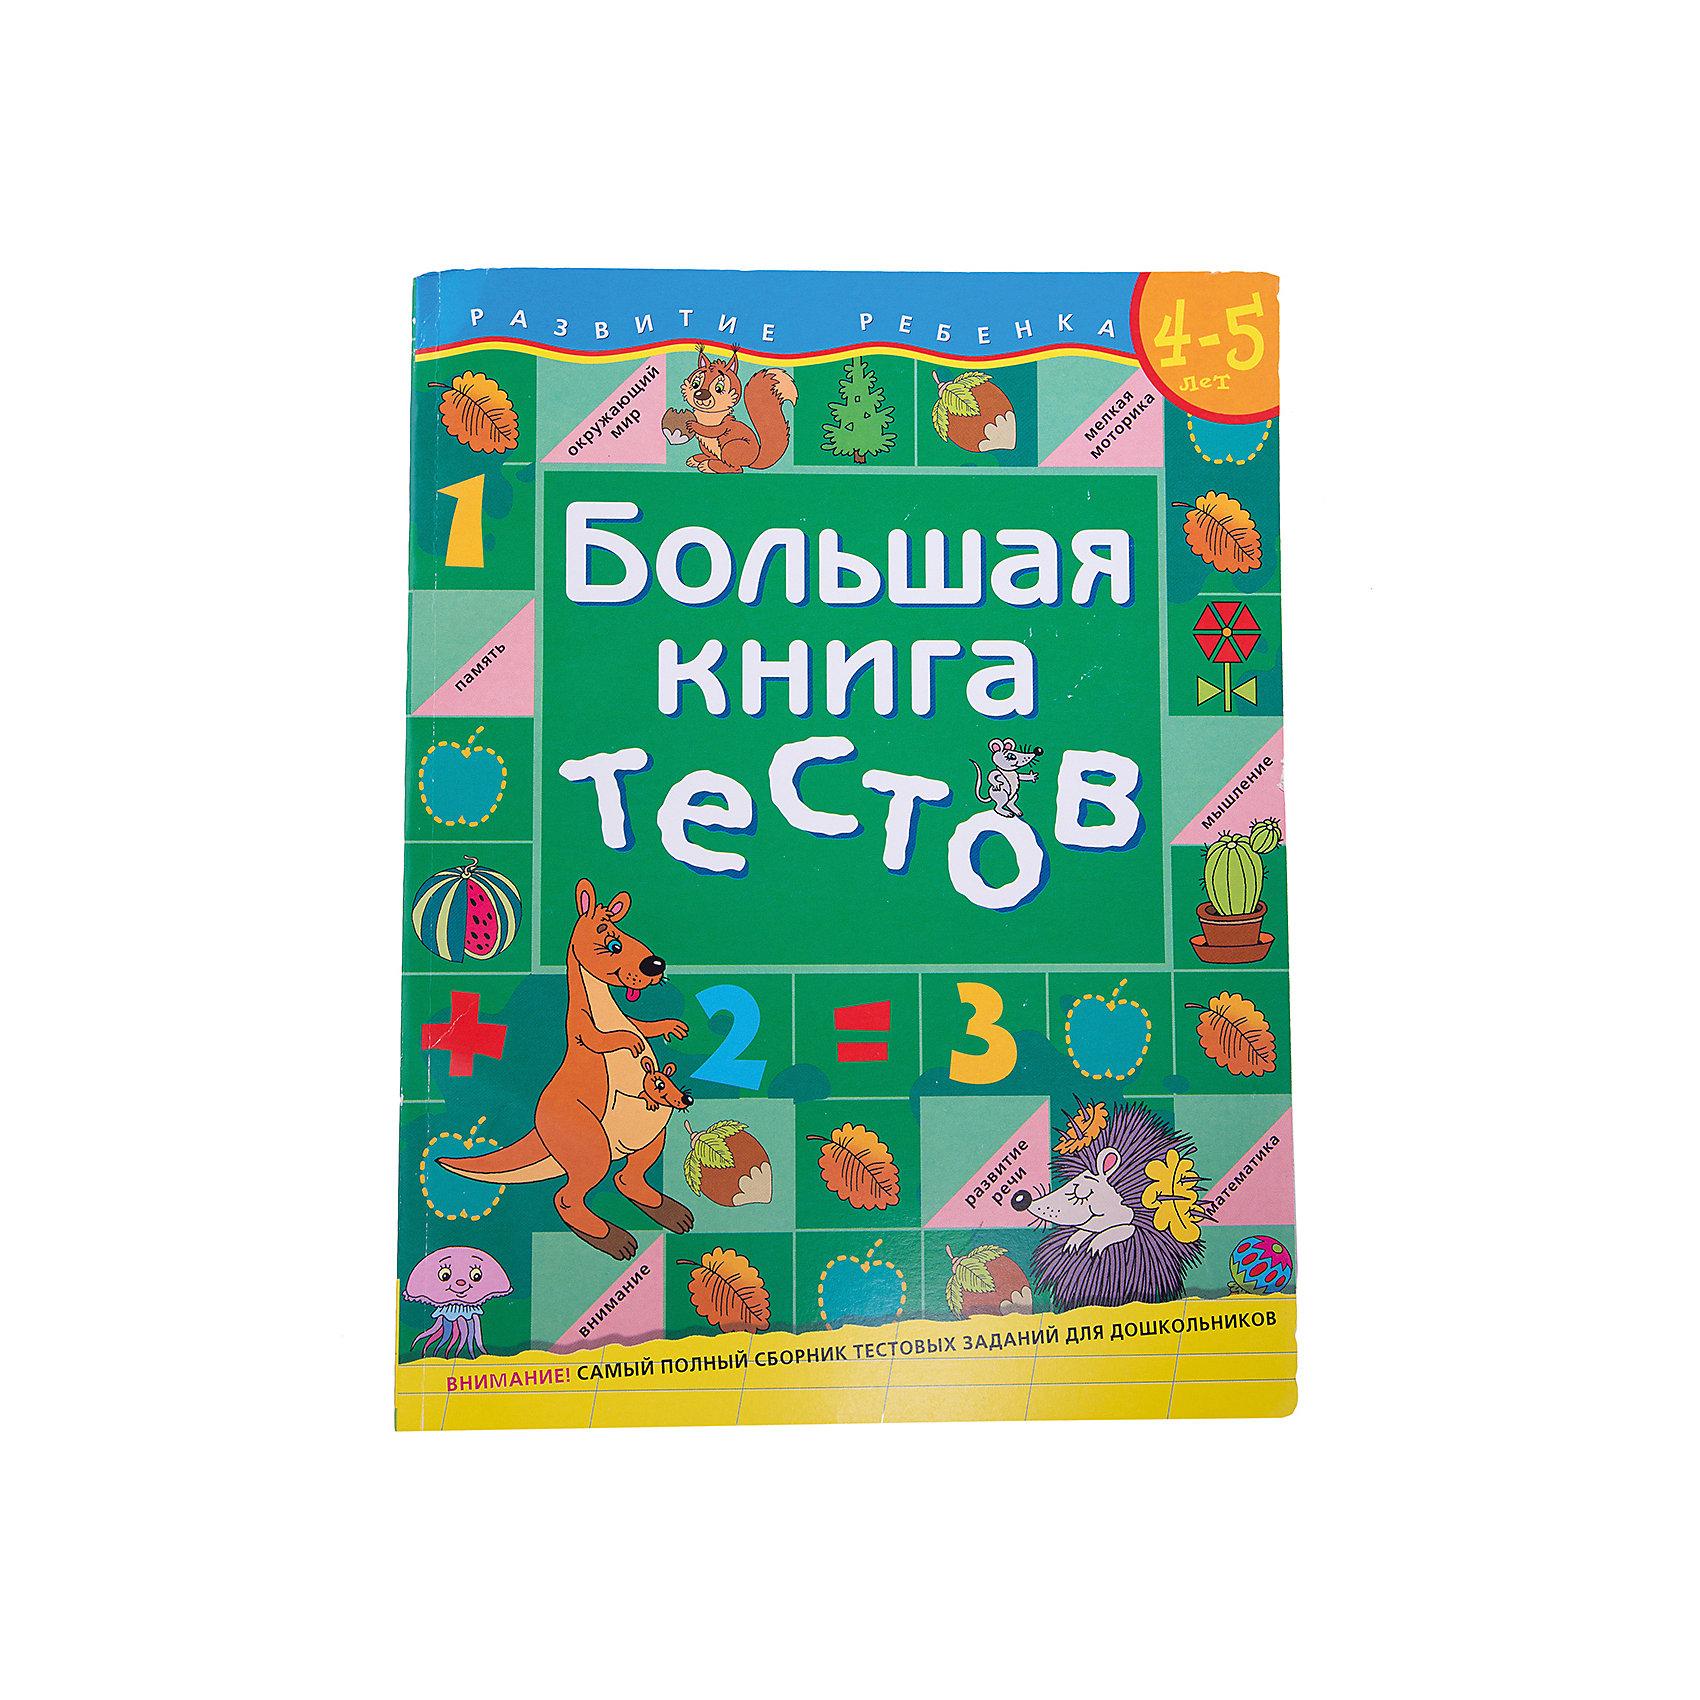 Росмэн Большая книга тестов (4-5 лет) росмэн большая книга тестов 4 5 лет